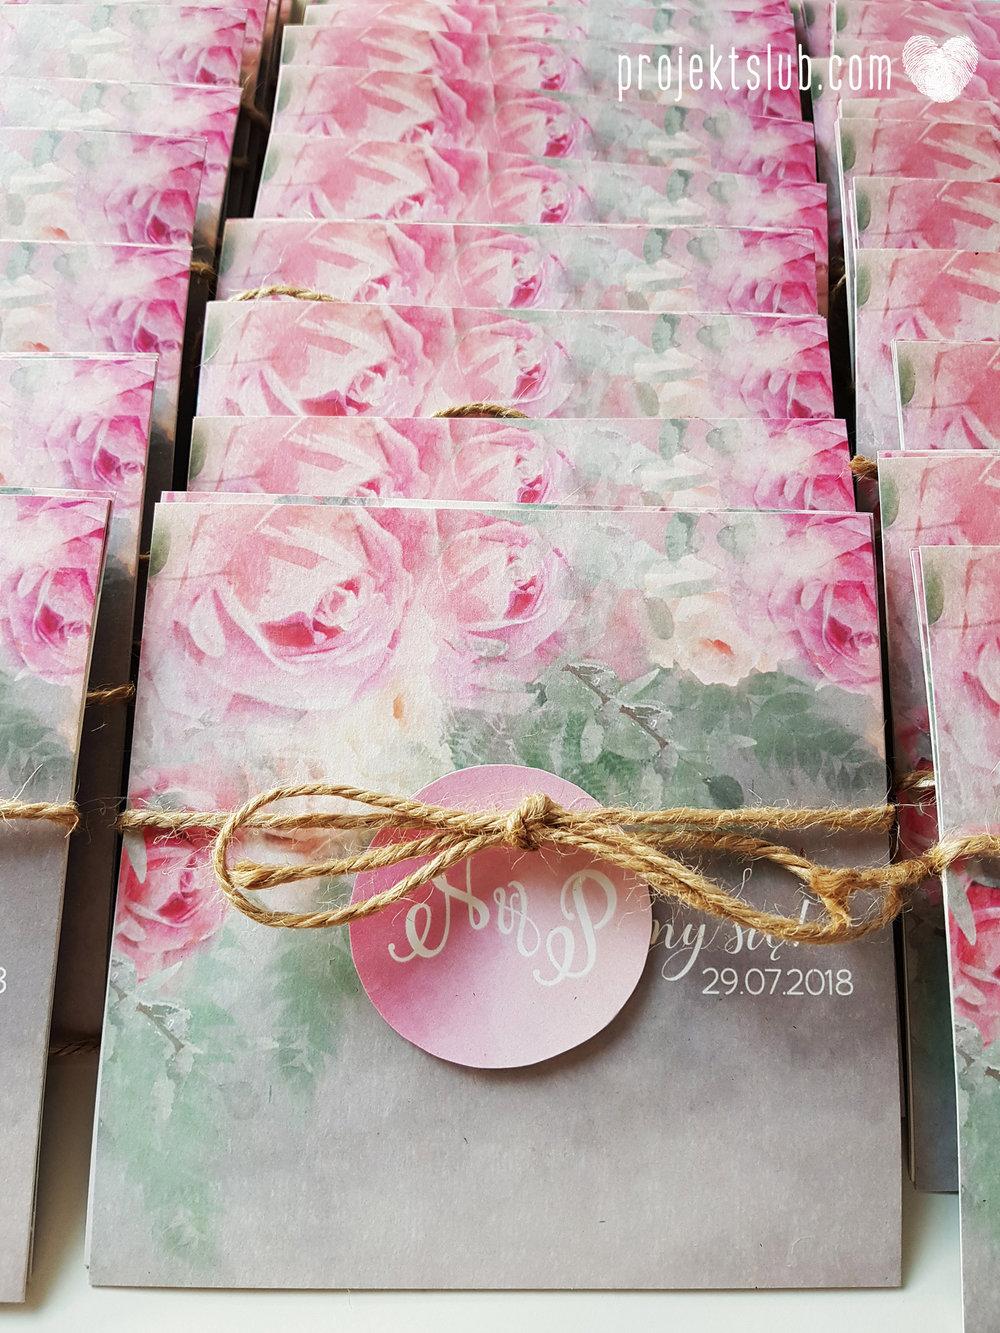 zaproszenia-slubne-projekt-kwiatowe-grafiki-malowane-boho-rustykalne-eko-romantyczne-akwarelowe-(9).jpg